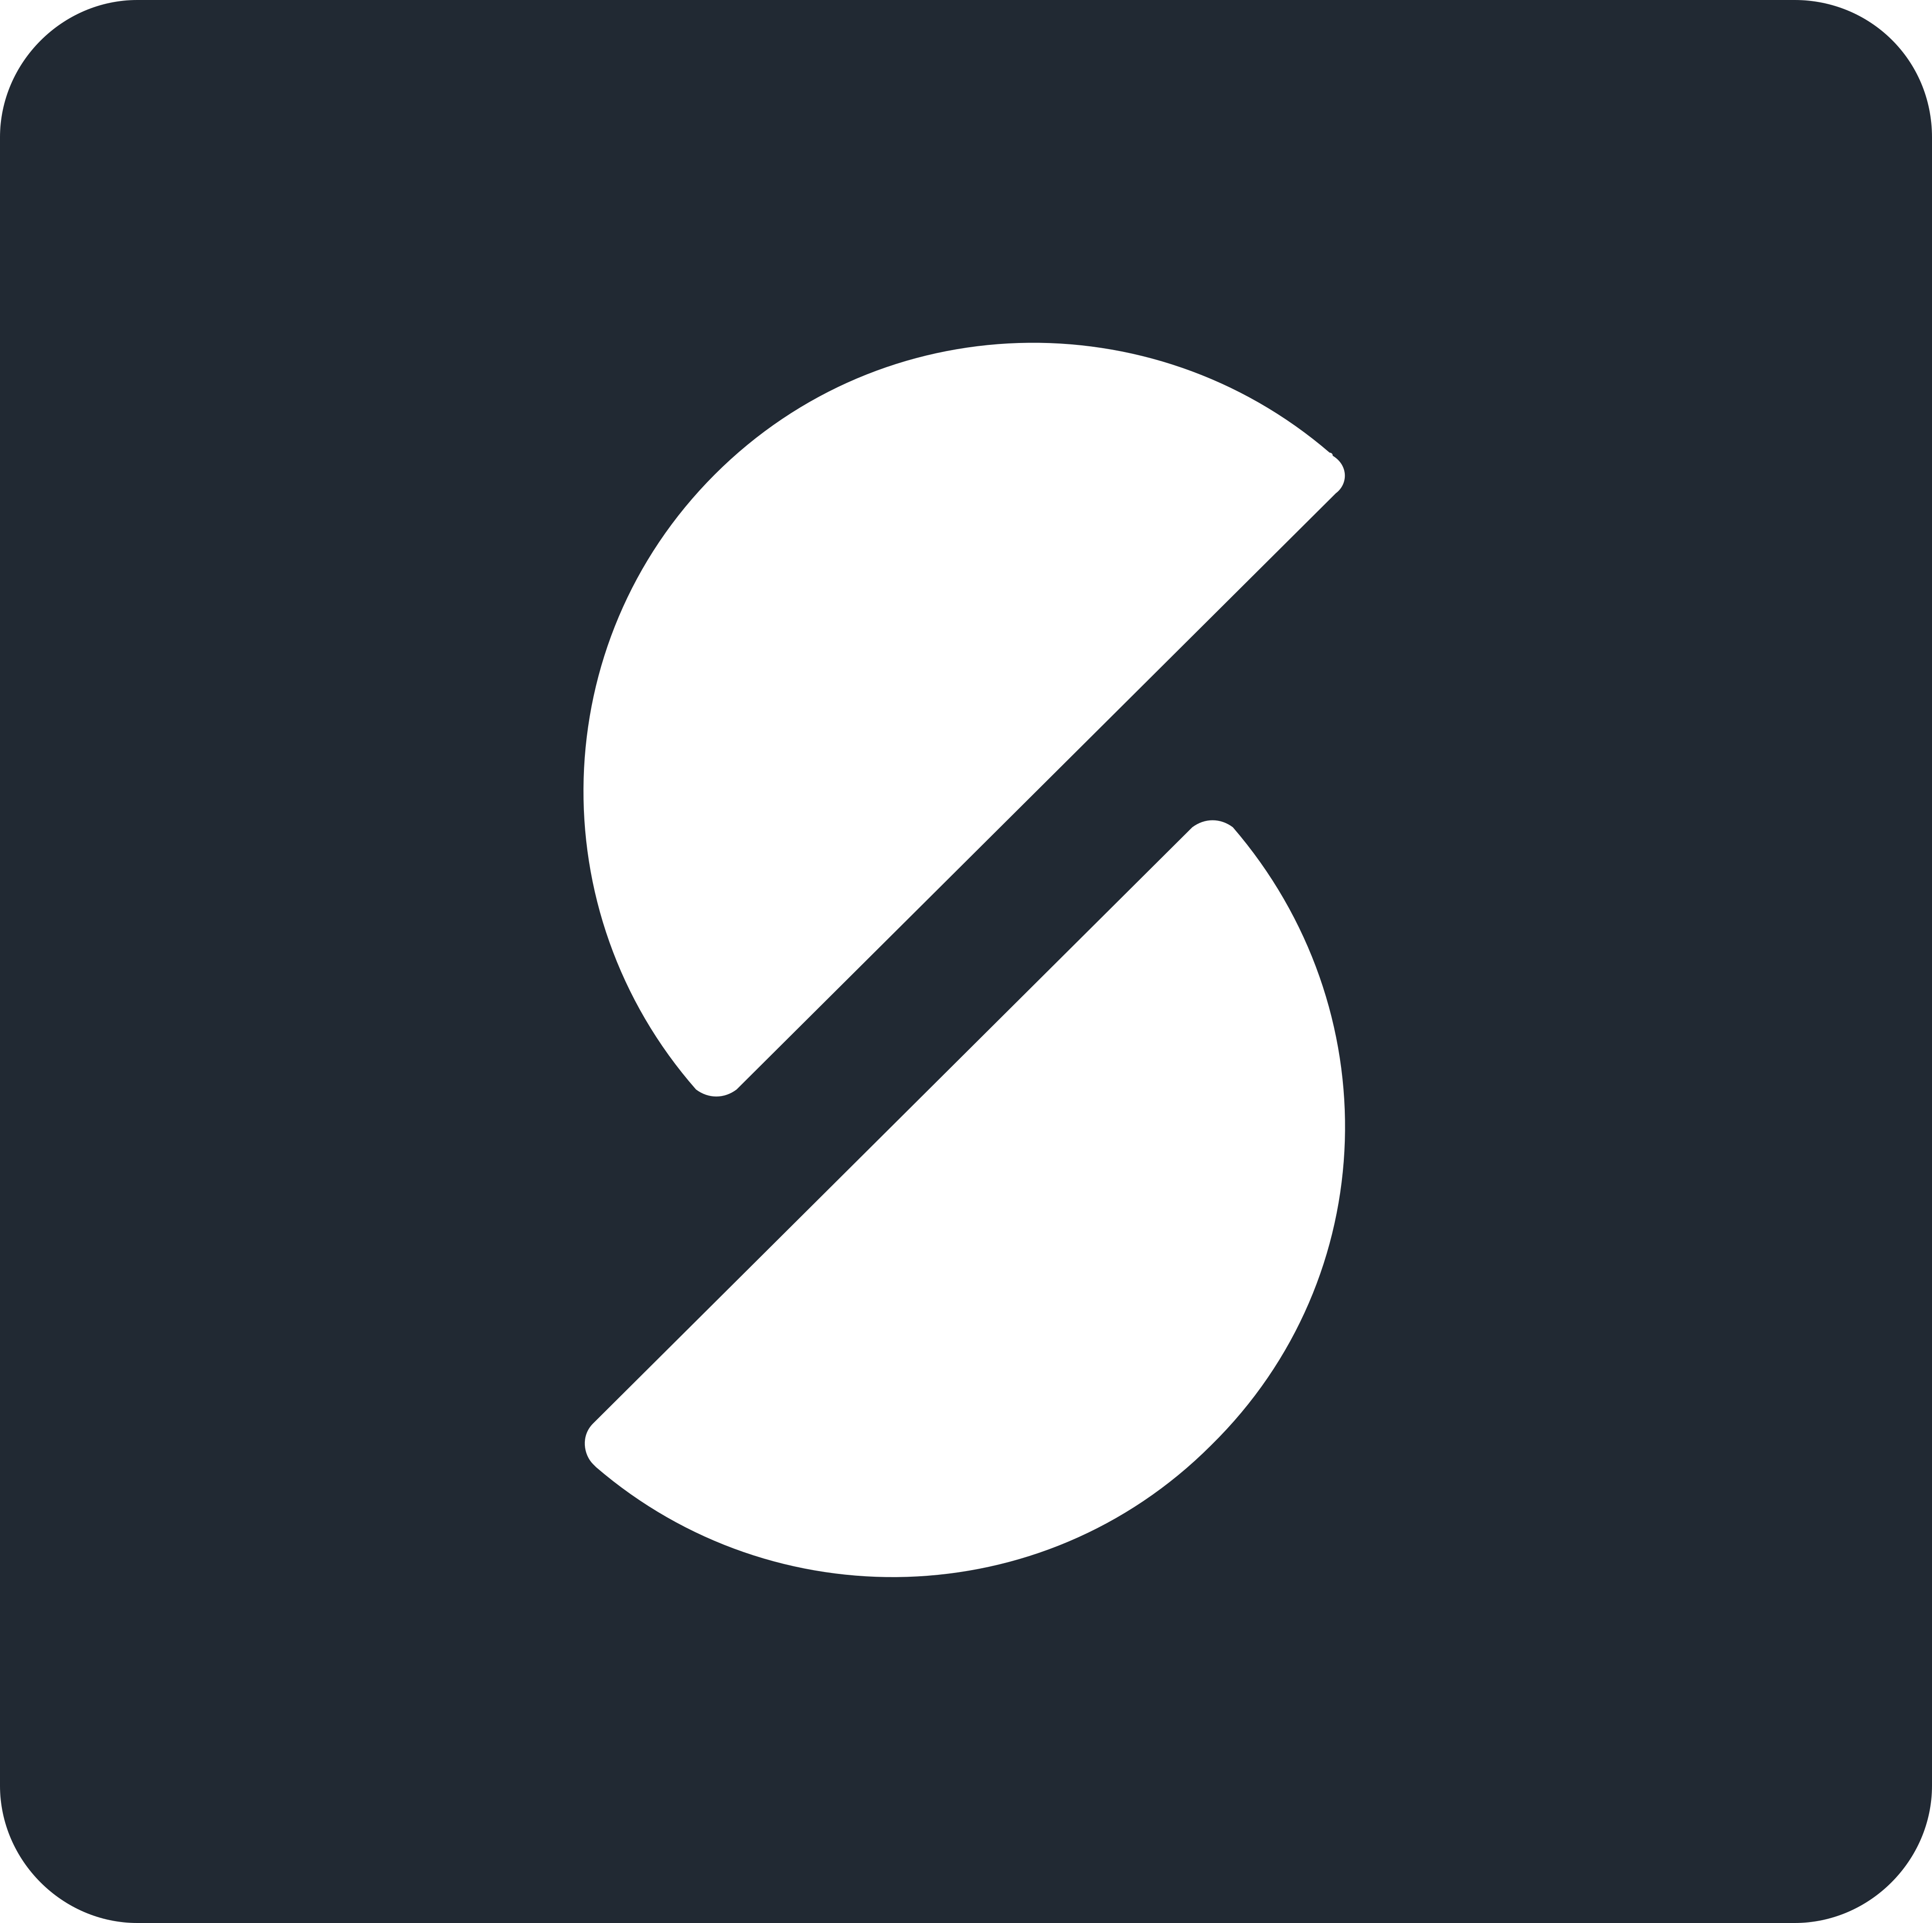 sumup logo 5 - SumUp Logo